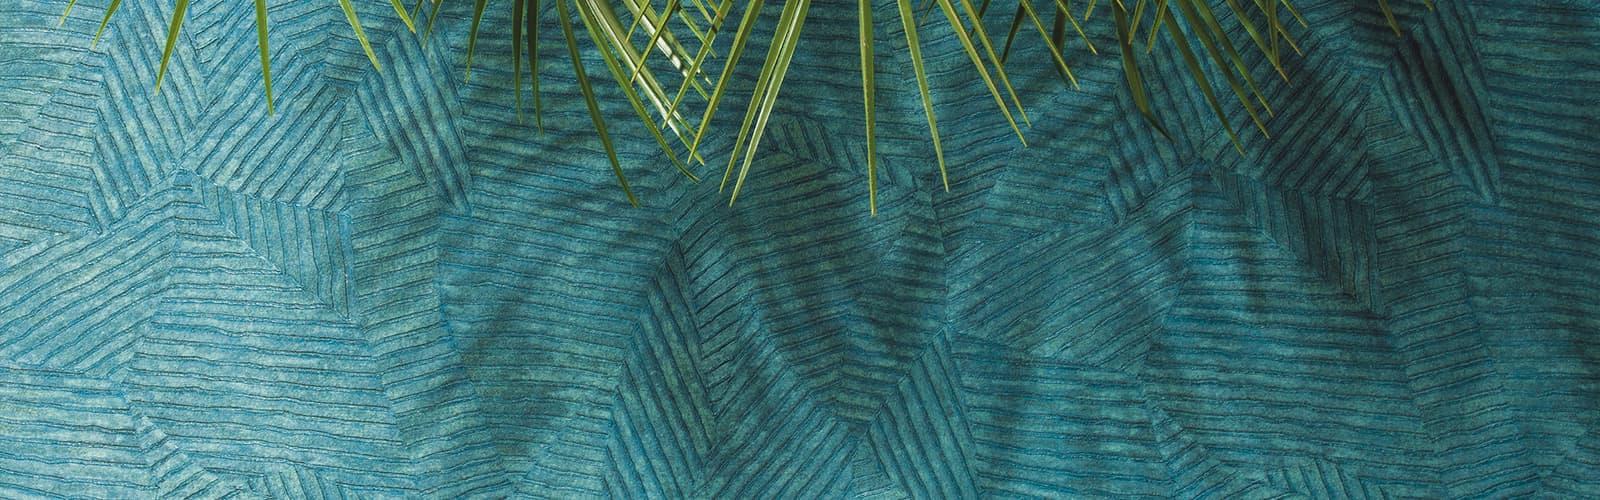 Tapeten online kaufen im tapetenshop for Braune tapeten wohnzimmer